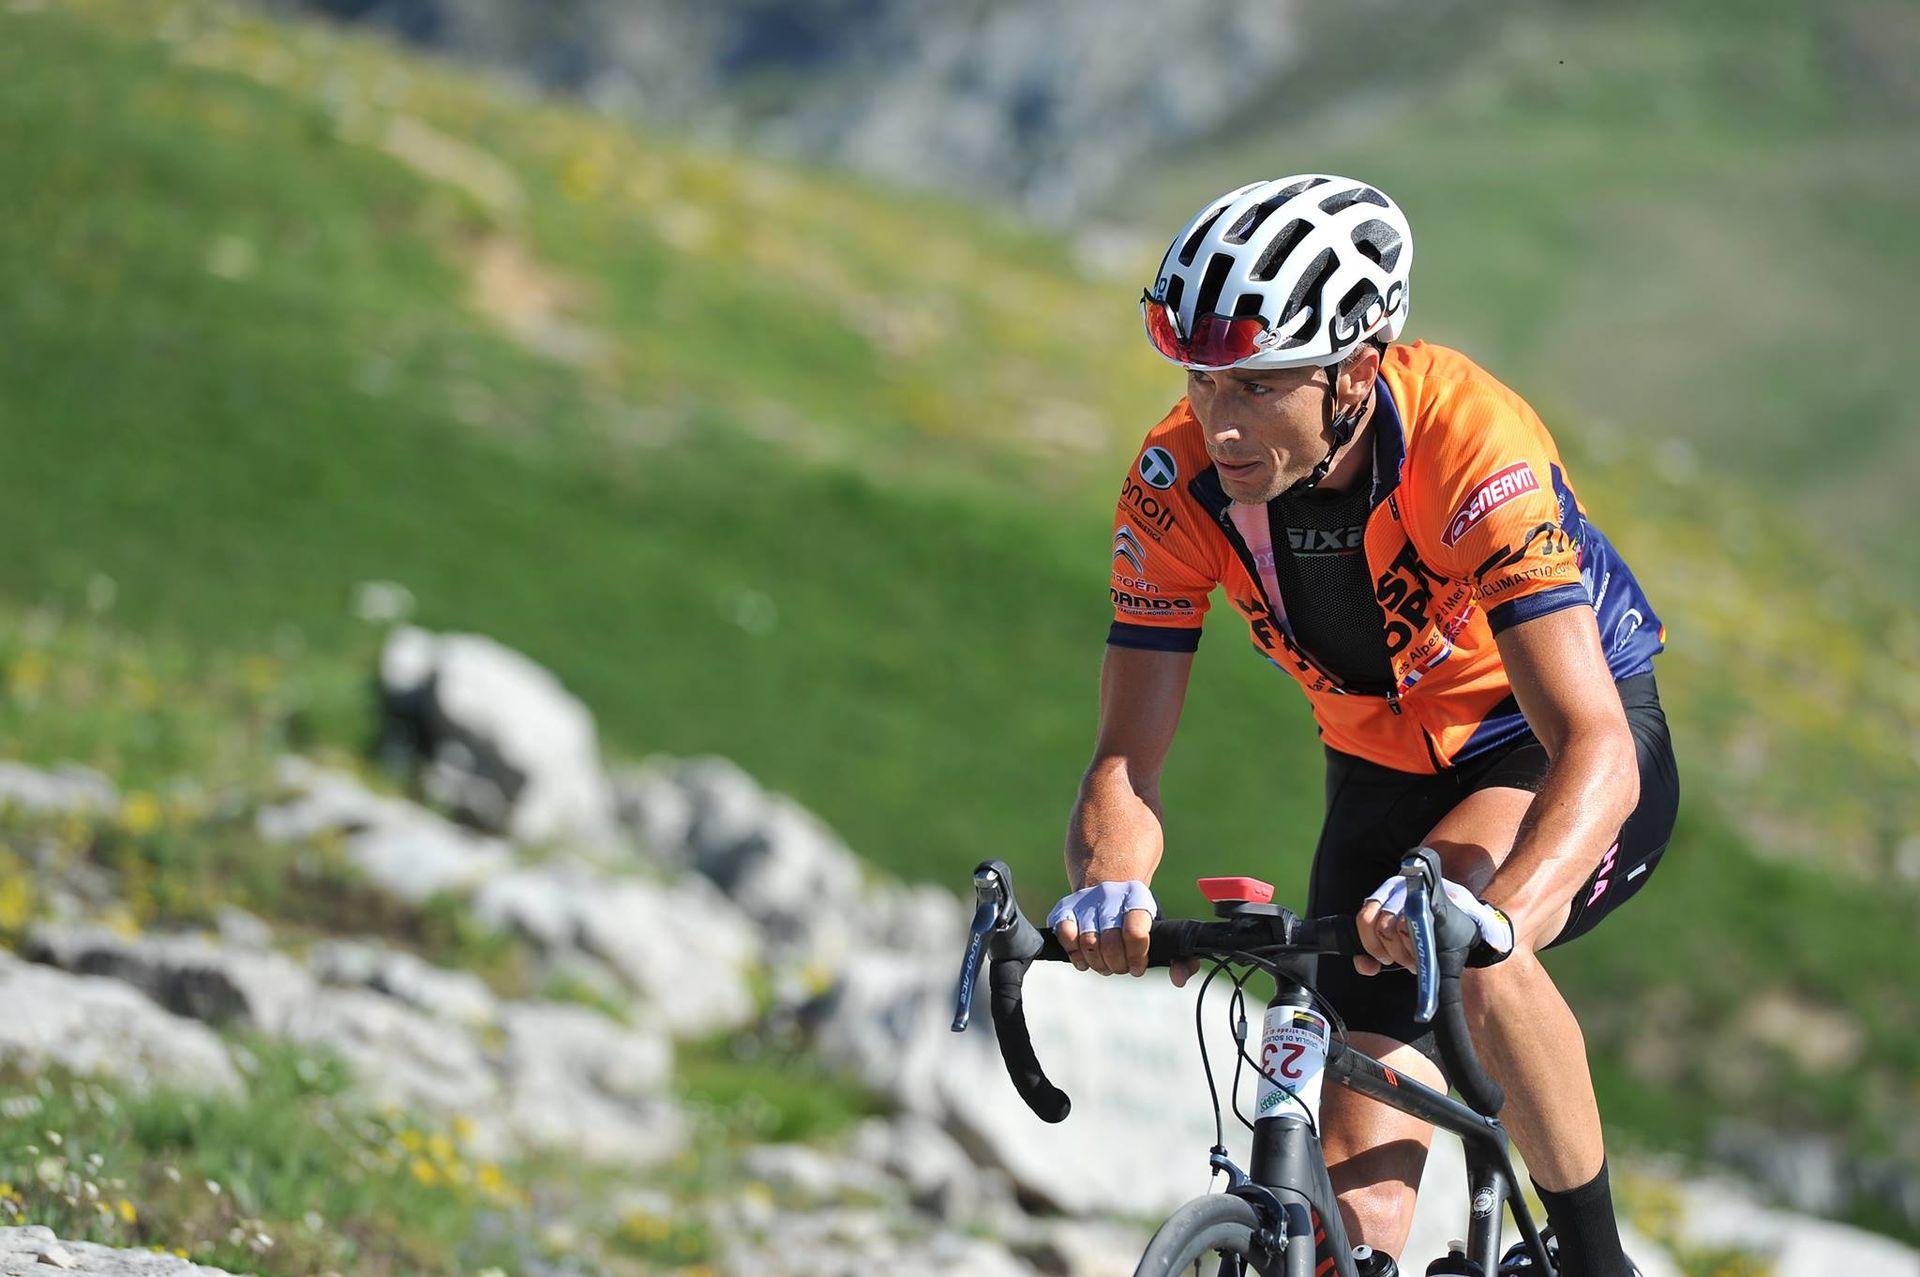 La Guida - Guido Dracone si aggiudica l'8° Giro della Provincia Granda